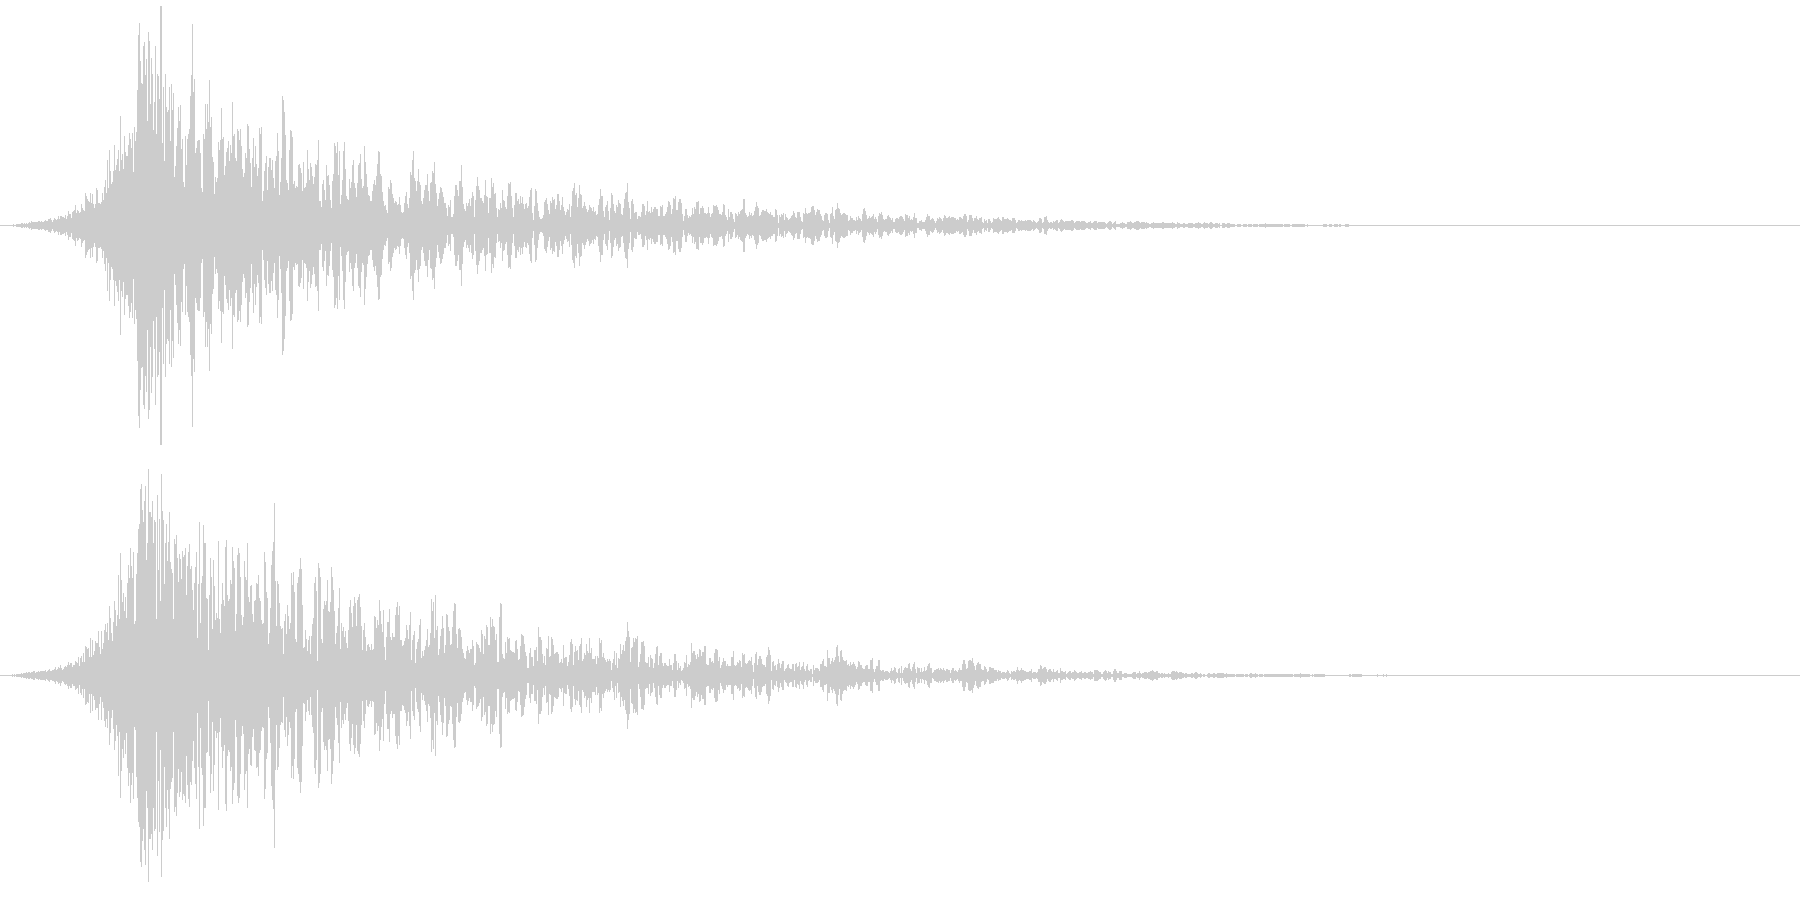 シュードーン-37-1(インパクト音)の未再生の波形